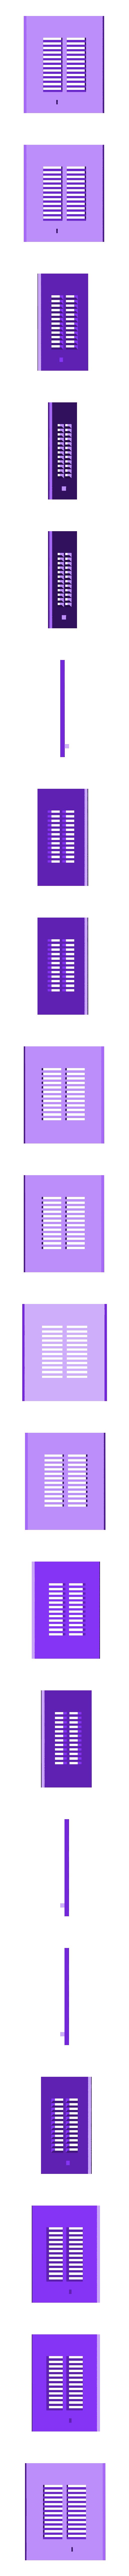 Cover_Lid.stl Télécharger fichier STL gratuit Station Météo WiFi Solaire V2.0 • Objet imprimable en 3D, deba168